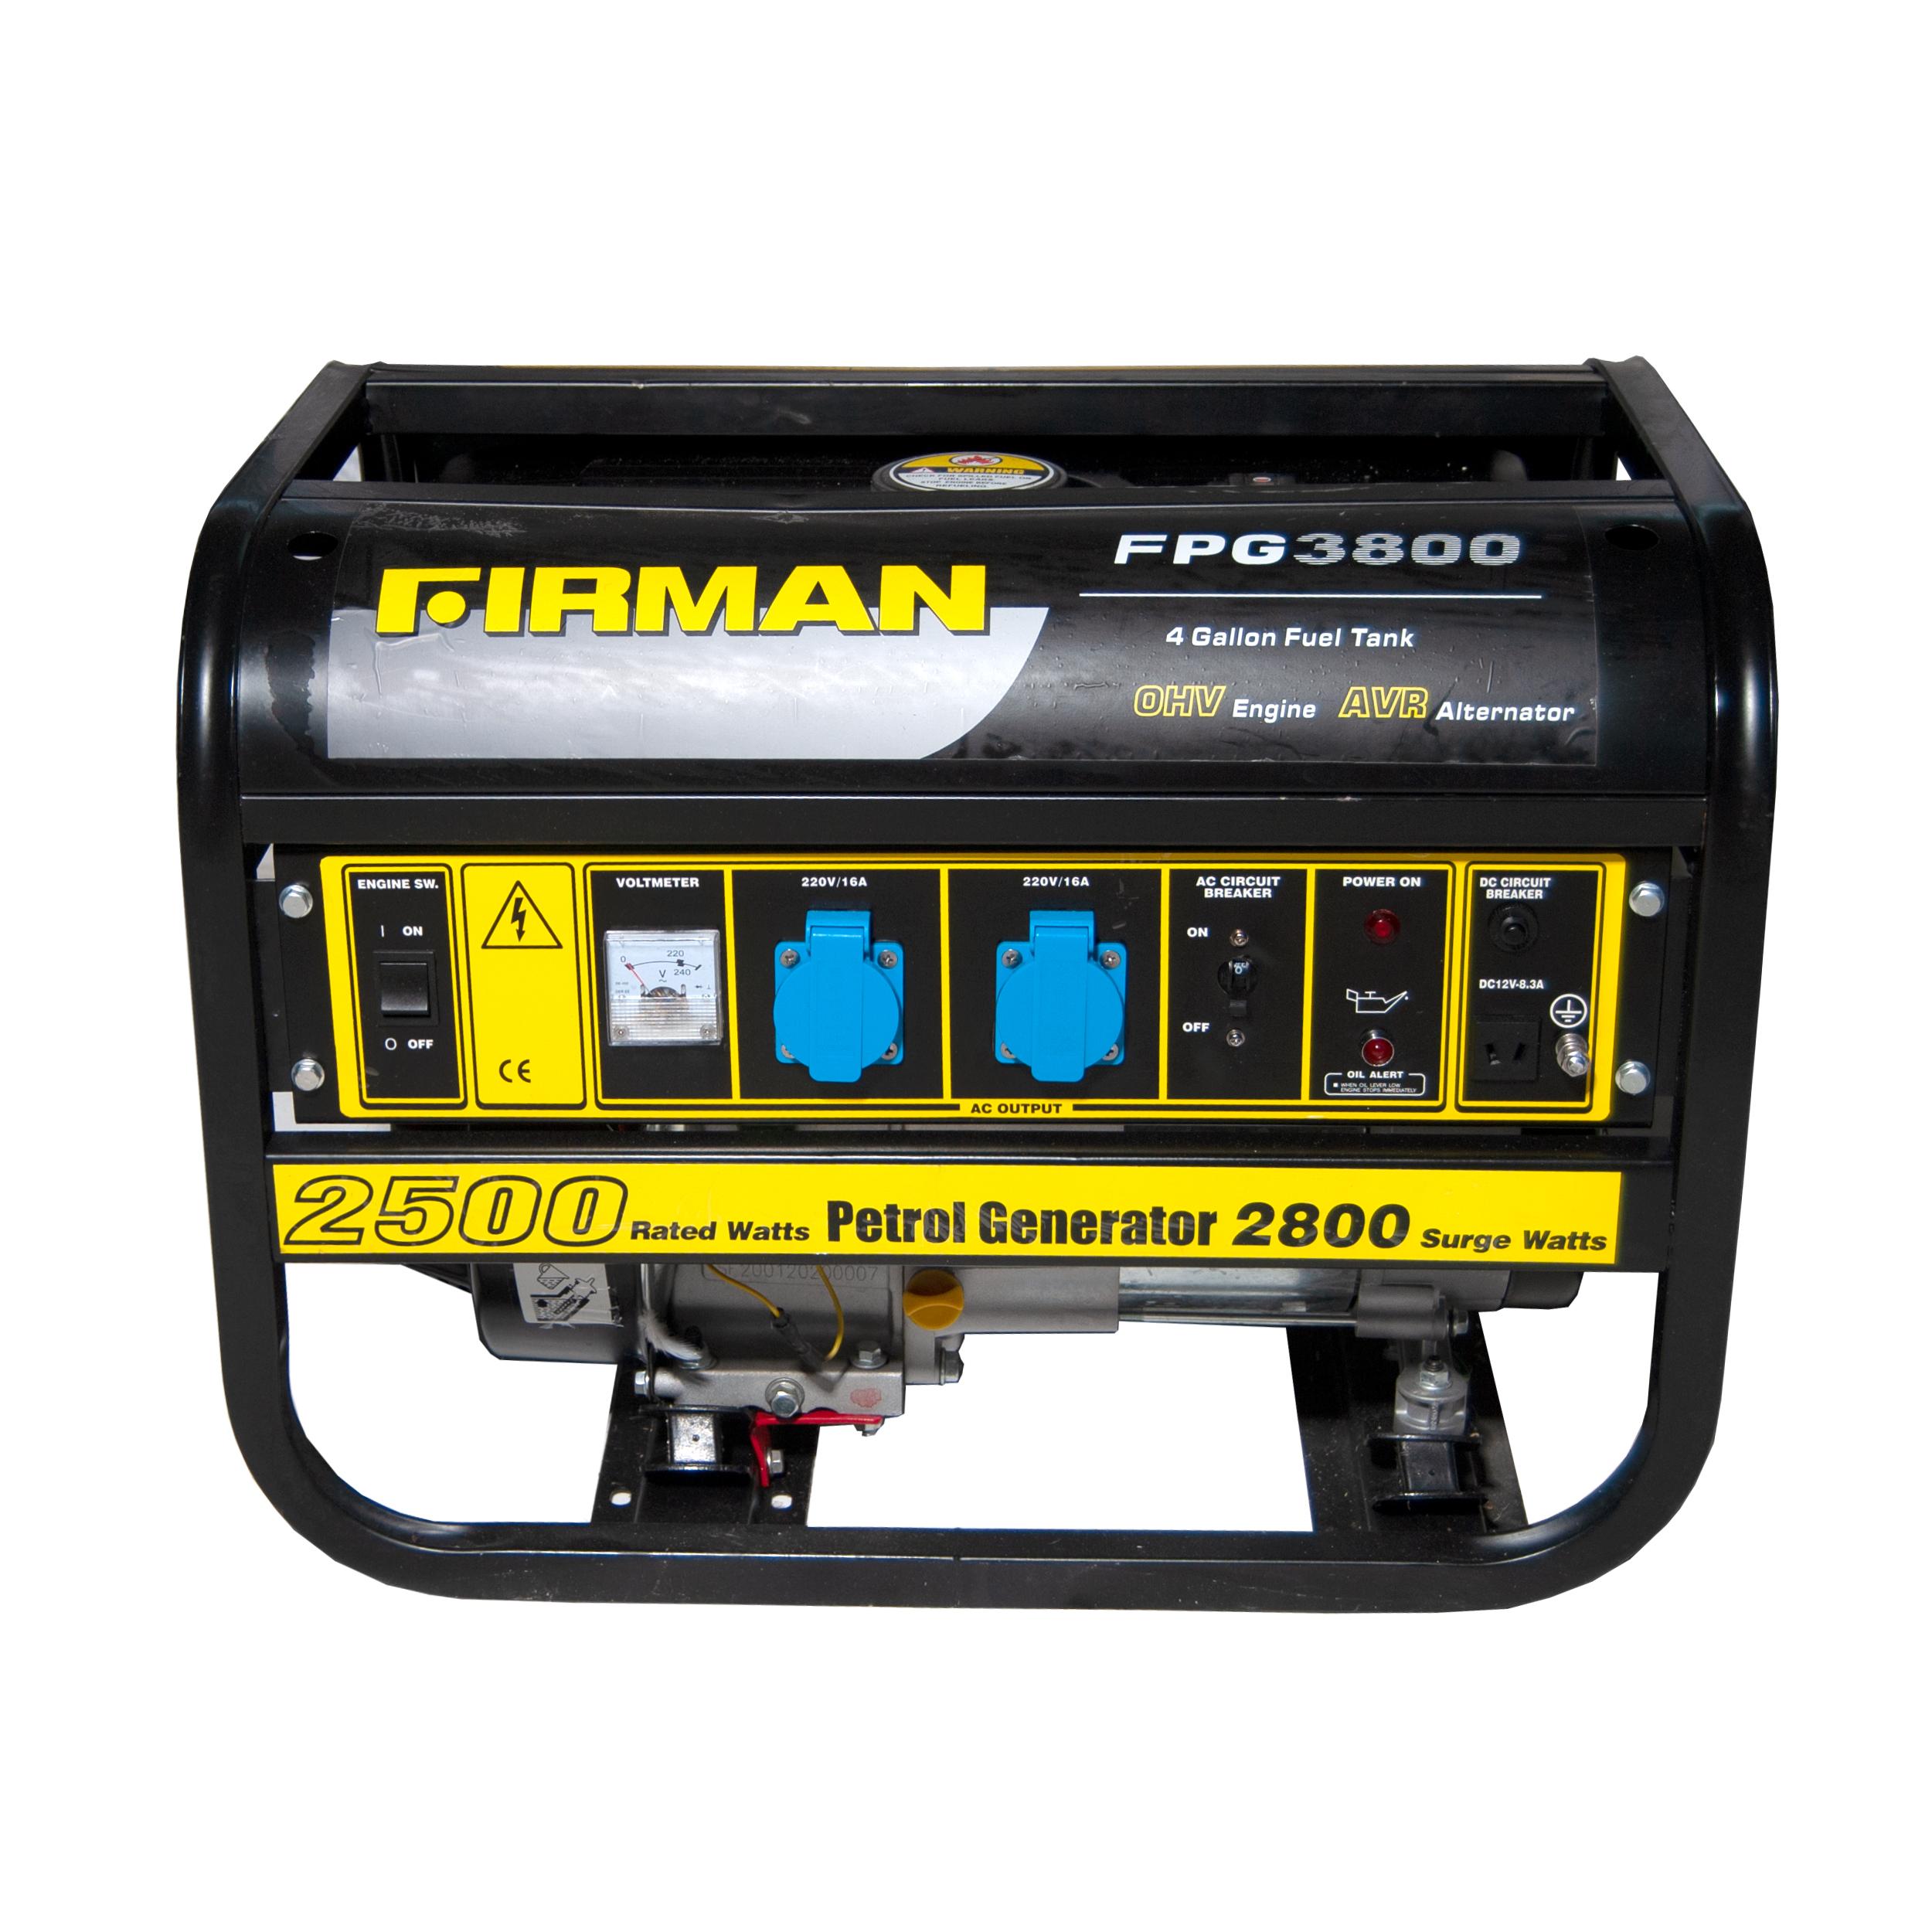 موتور برق فیرمن مدل FPG3800